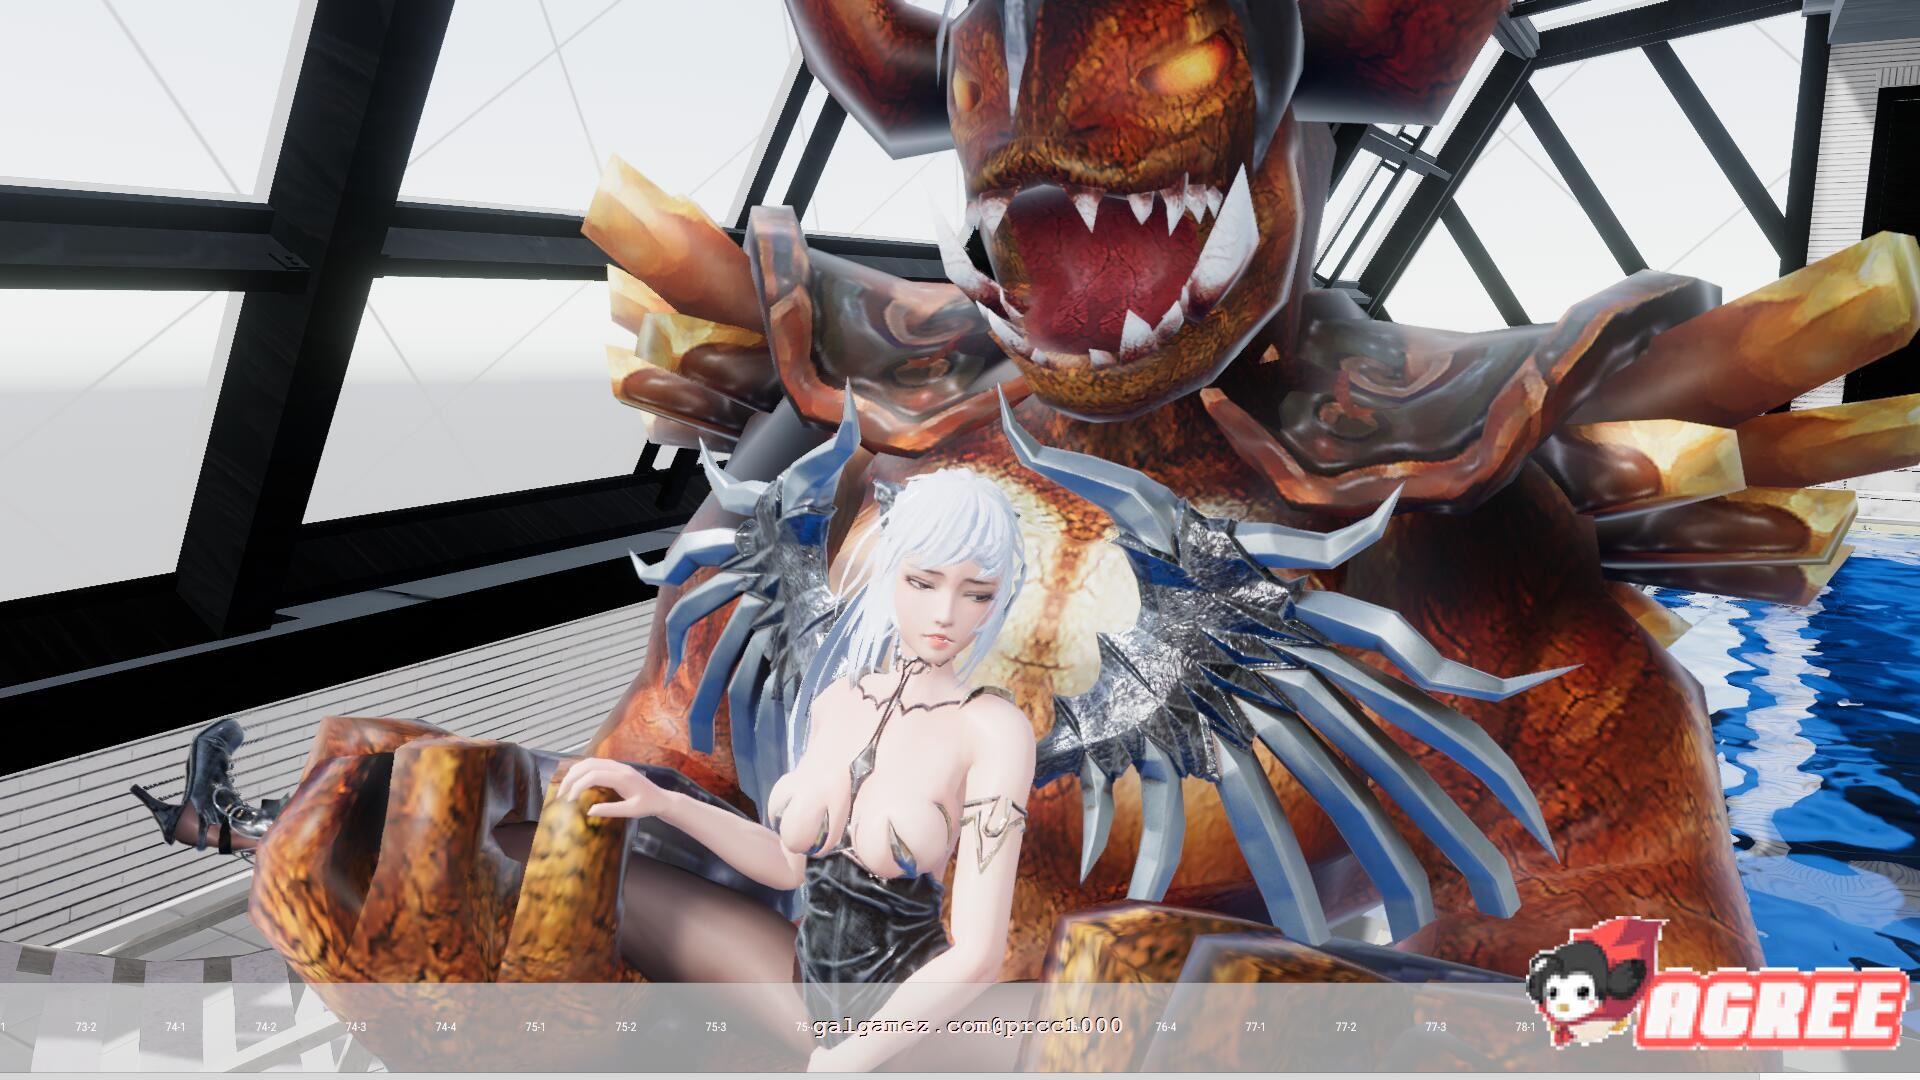 【极品ACT/中文】SwordxHime剑姬无双V1.12 官方中文步兵版/付全存档【8G/更新/全CV】 10